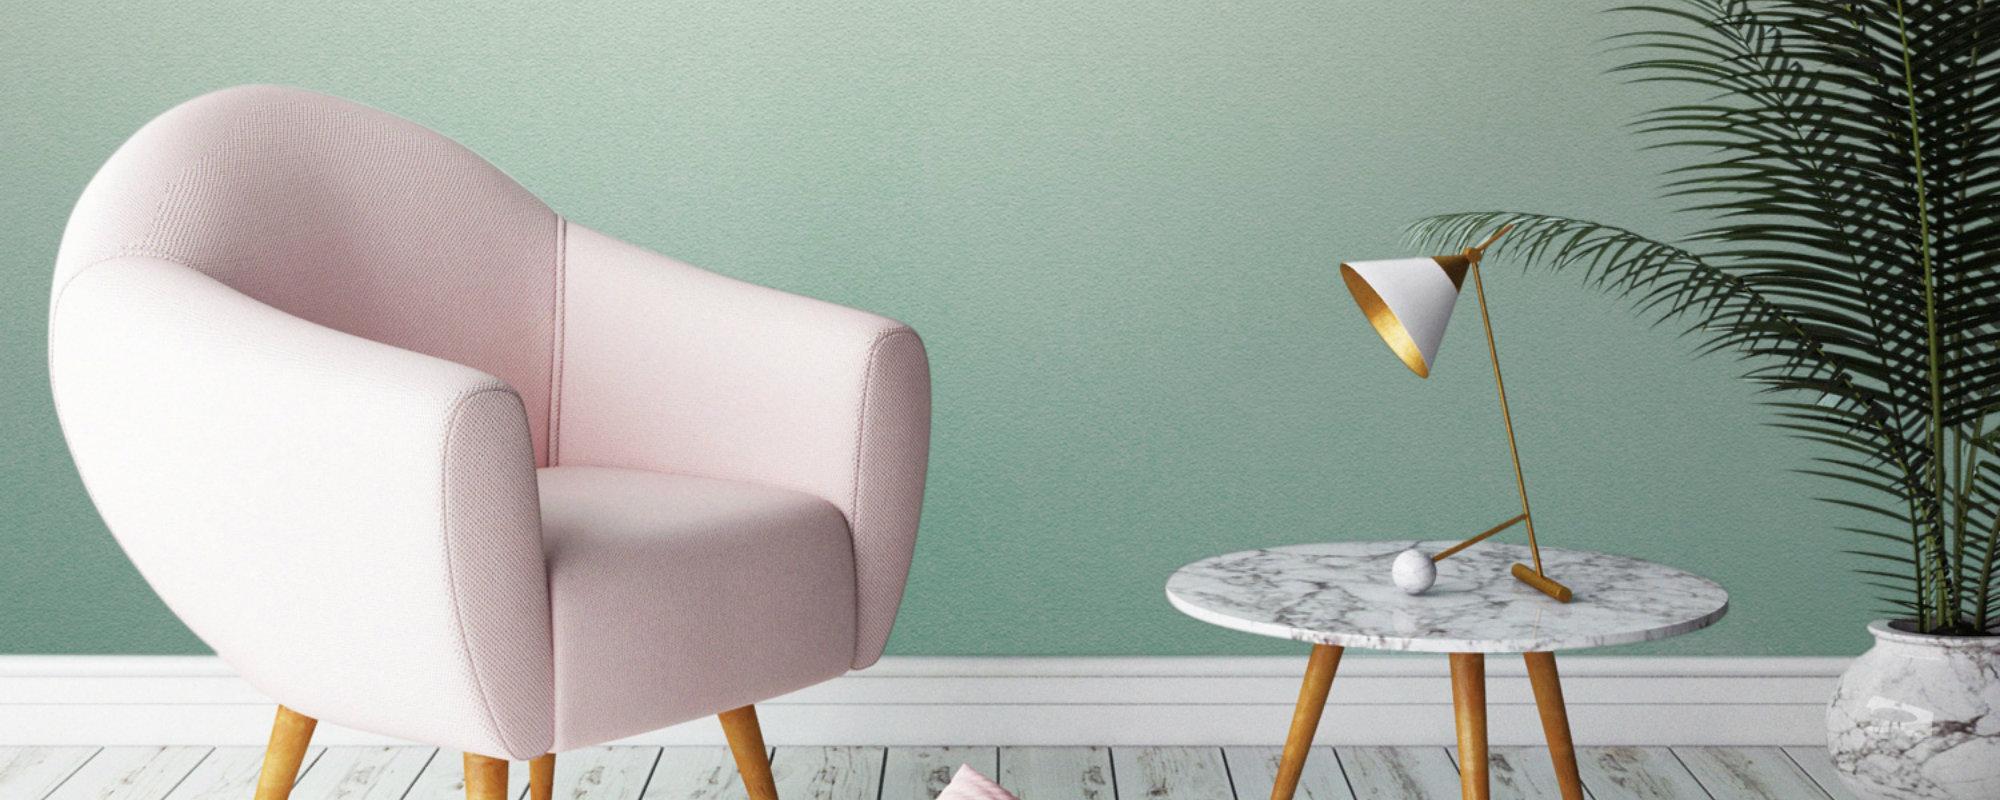 Tendencias de Verano: las nuevas colores para tú casa tendencias de verano Tendencias de Verano: las nuevas colores para tú casa Feature 6